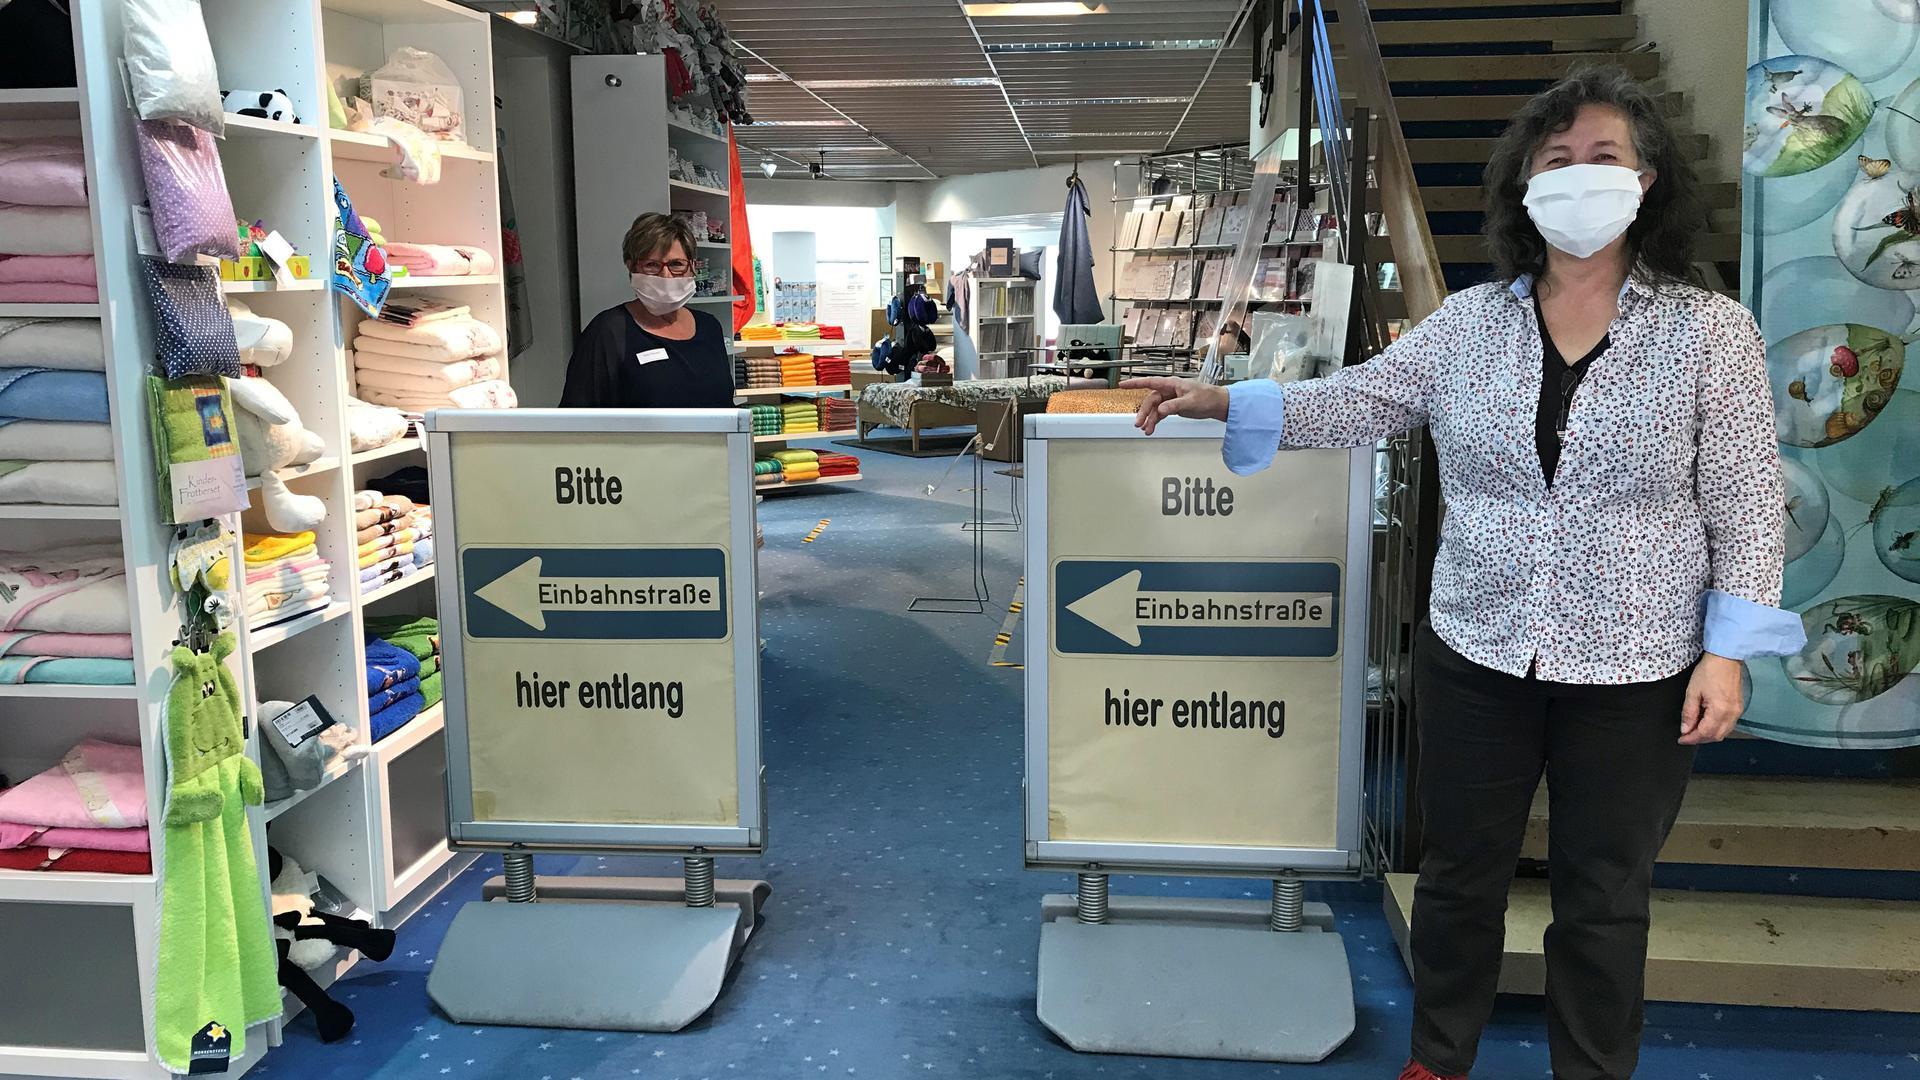 Zum Einkaufsbummel hier lang: Nach dem shutdwon haben sich die Einzelhändler in der Region für die Wiedereröffnung ihrer Läden präpariert.